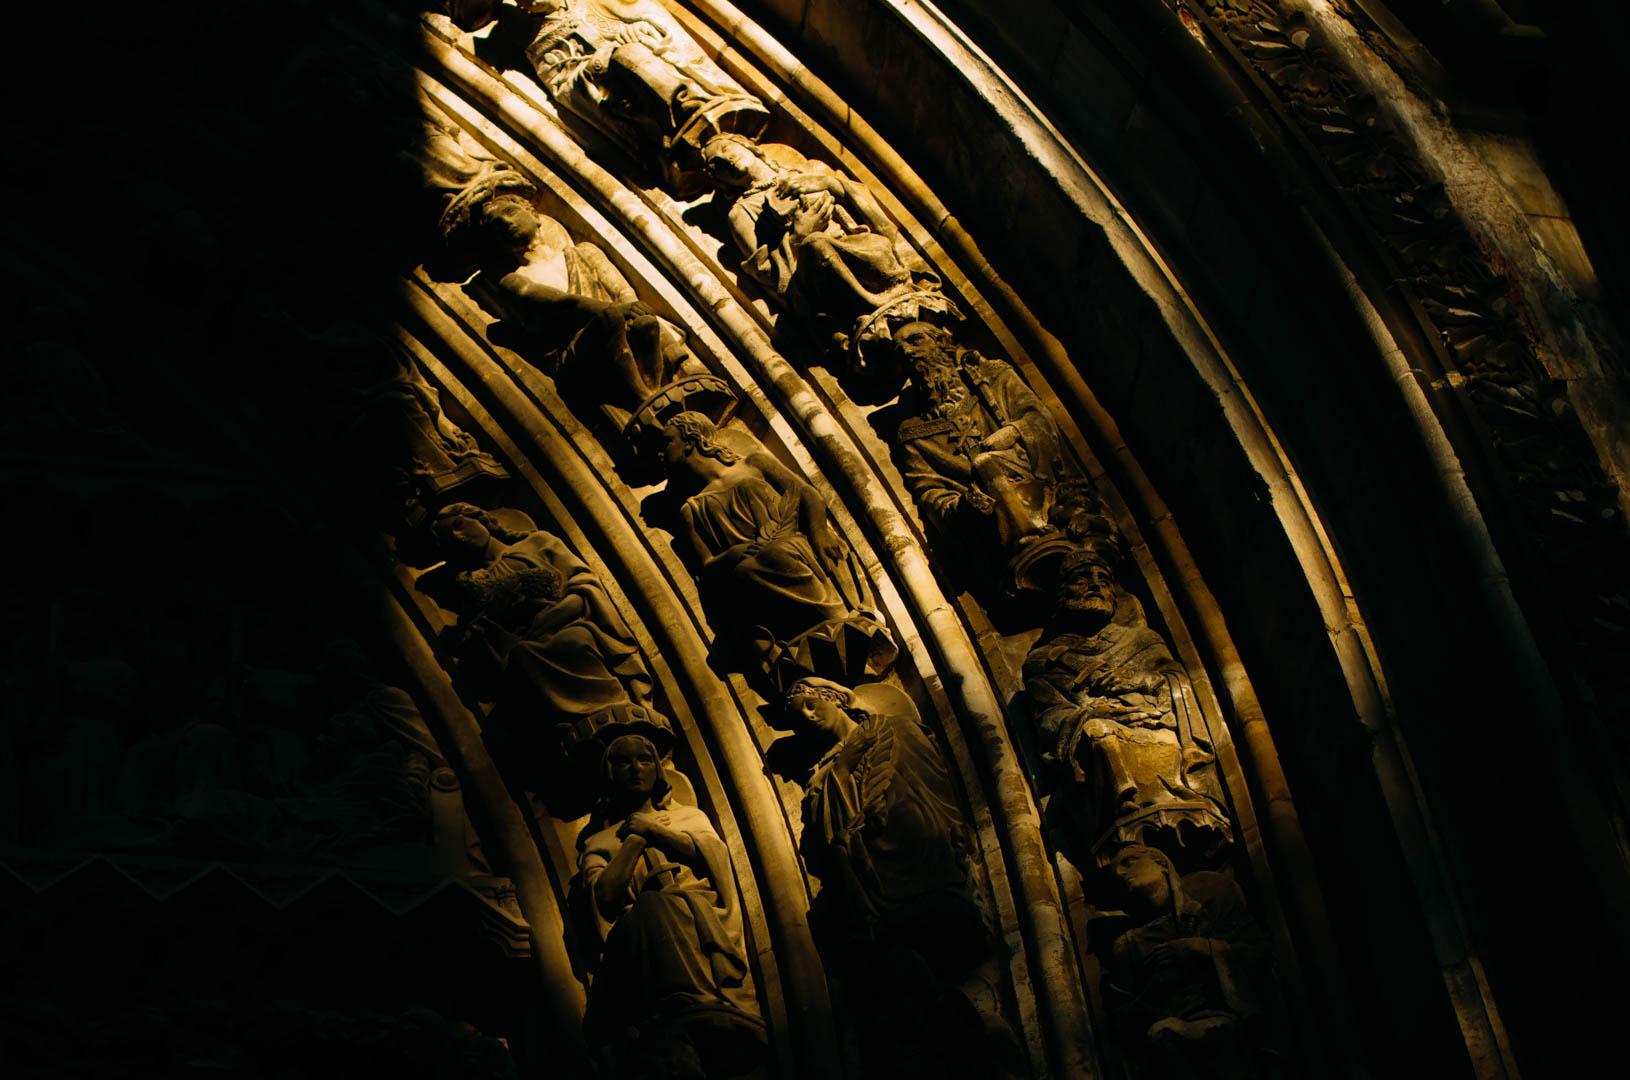 portail saint eubert cathédrale notre dame de la treille lille 5991